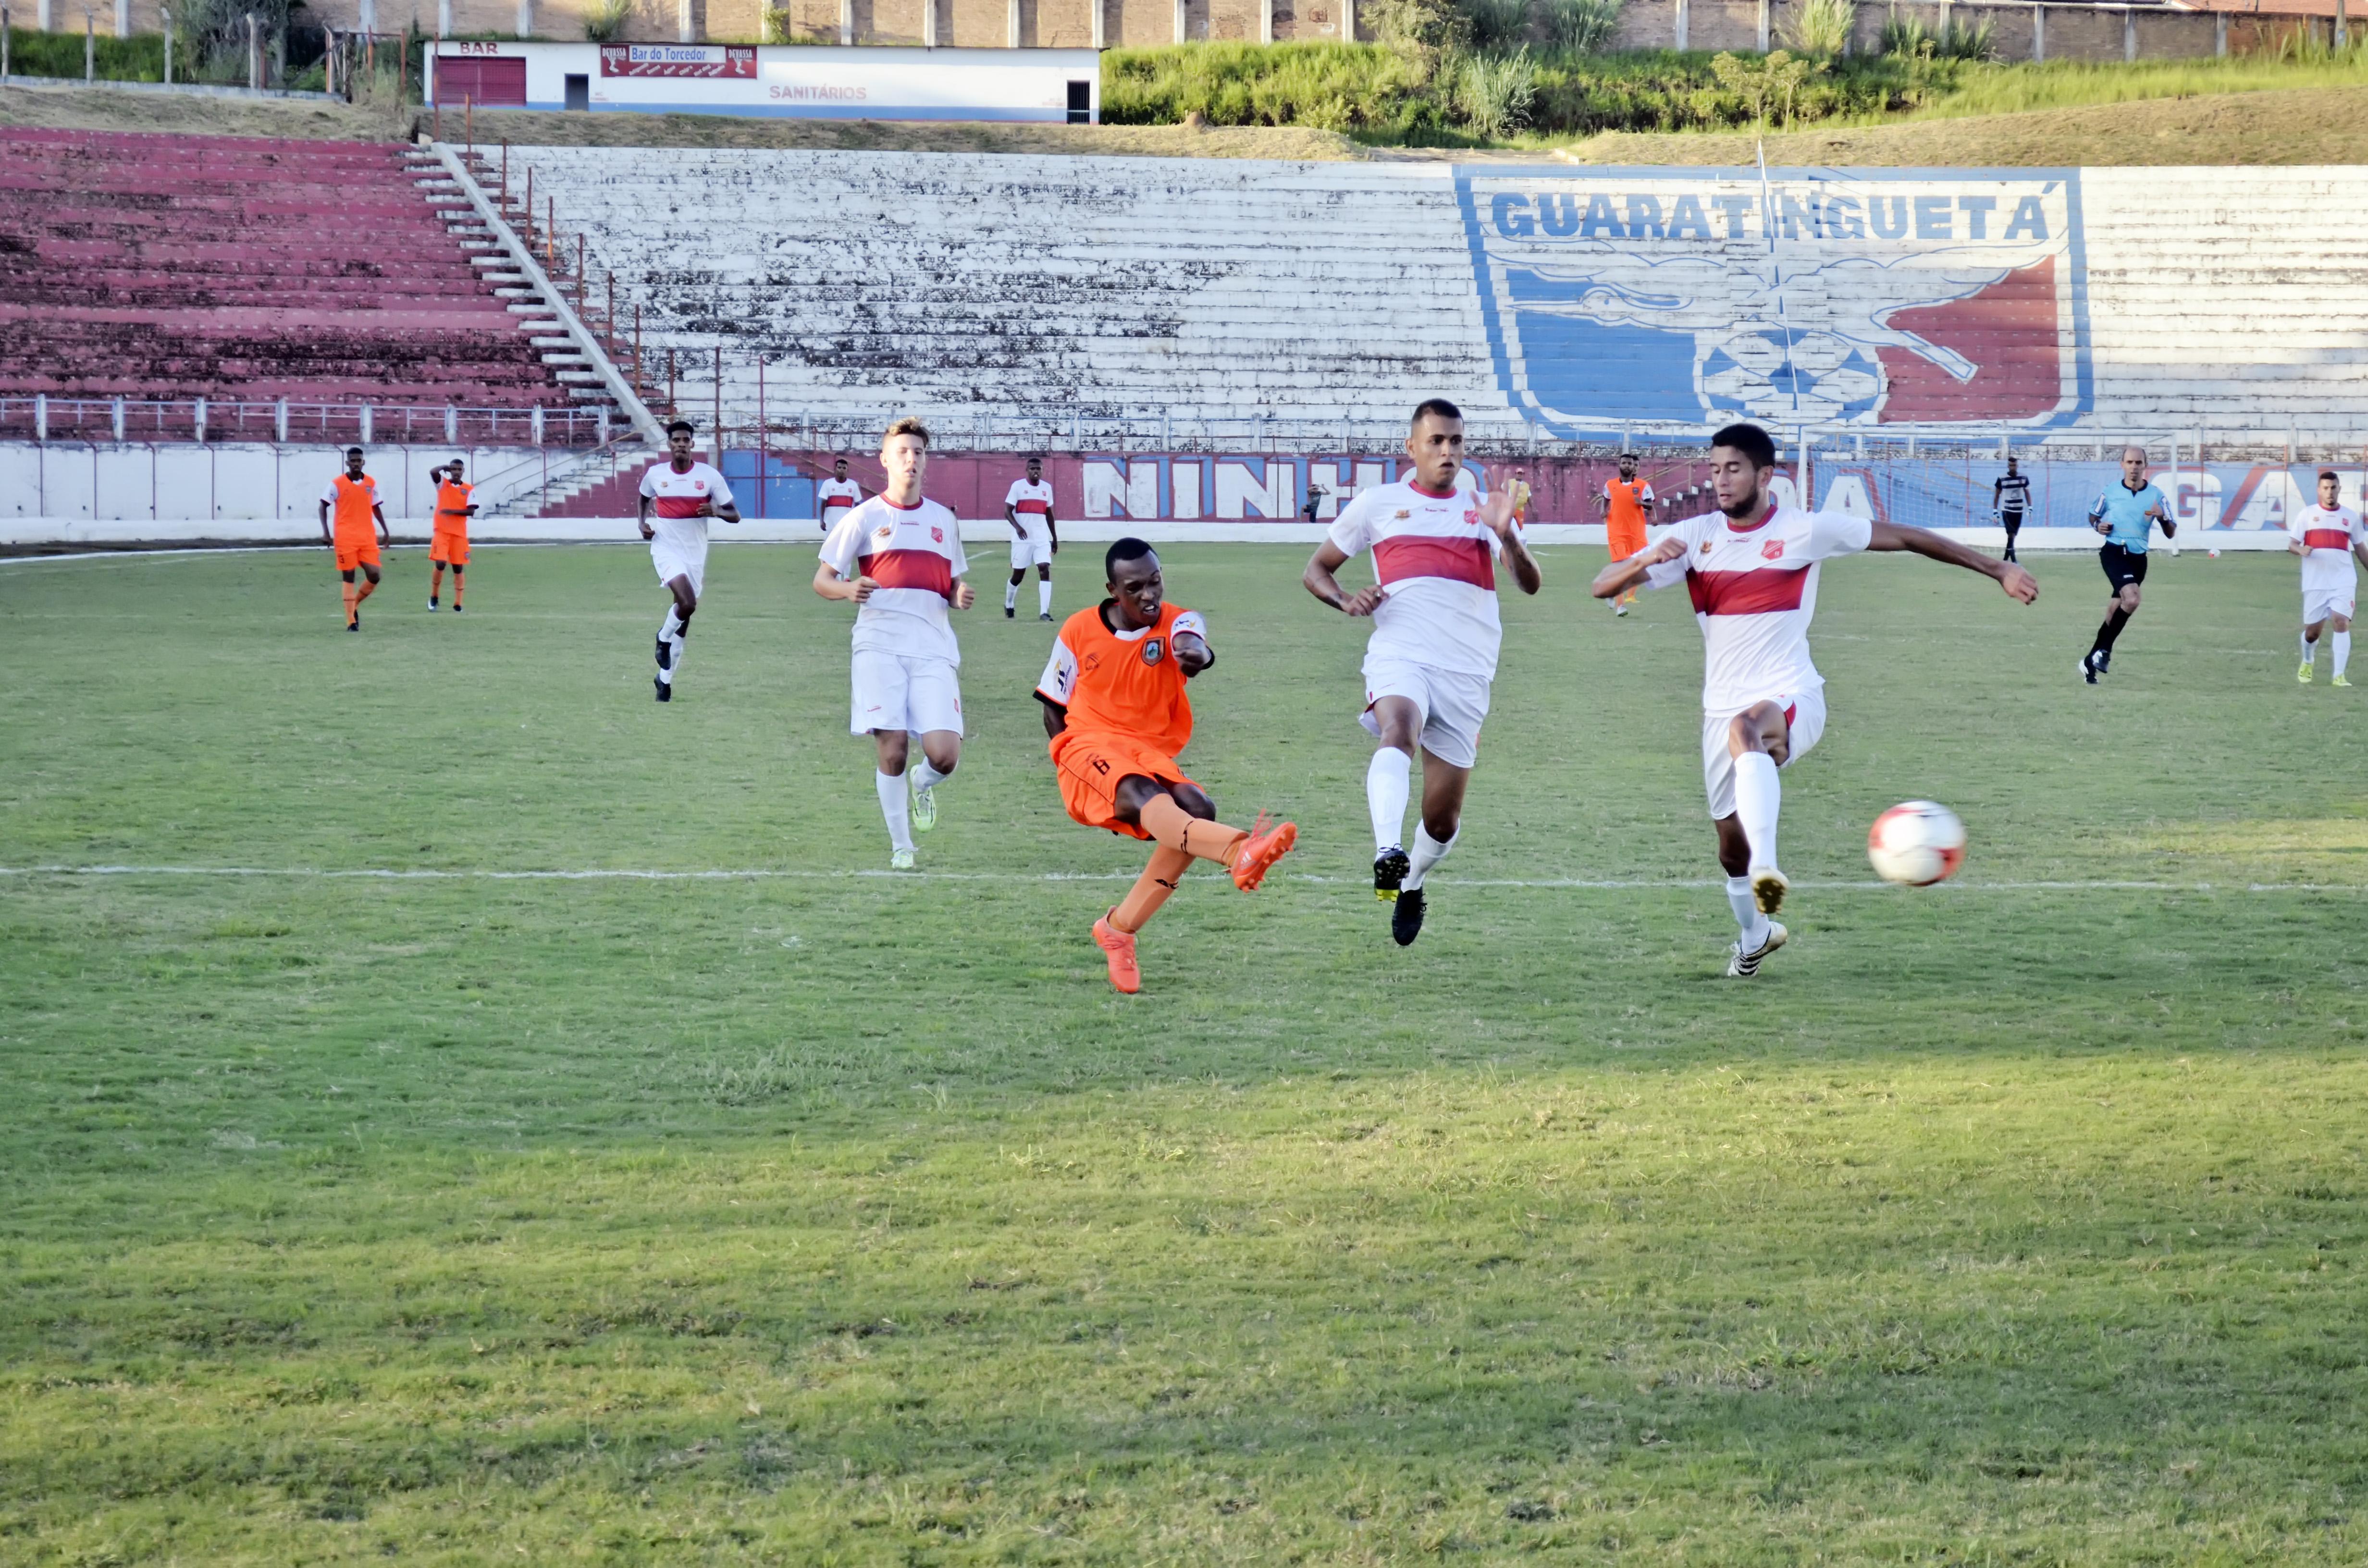 Ataque do Manthiqueira, na partida de estreia contra o União de Mogi, quando a Laranja Mecânica venceu por 1 a 0, no Dario Rodrigues Leite (Foto: Leandro Oliveira)